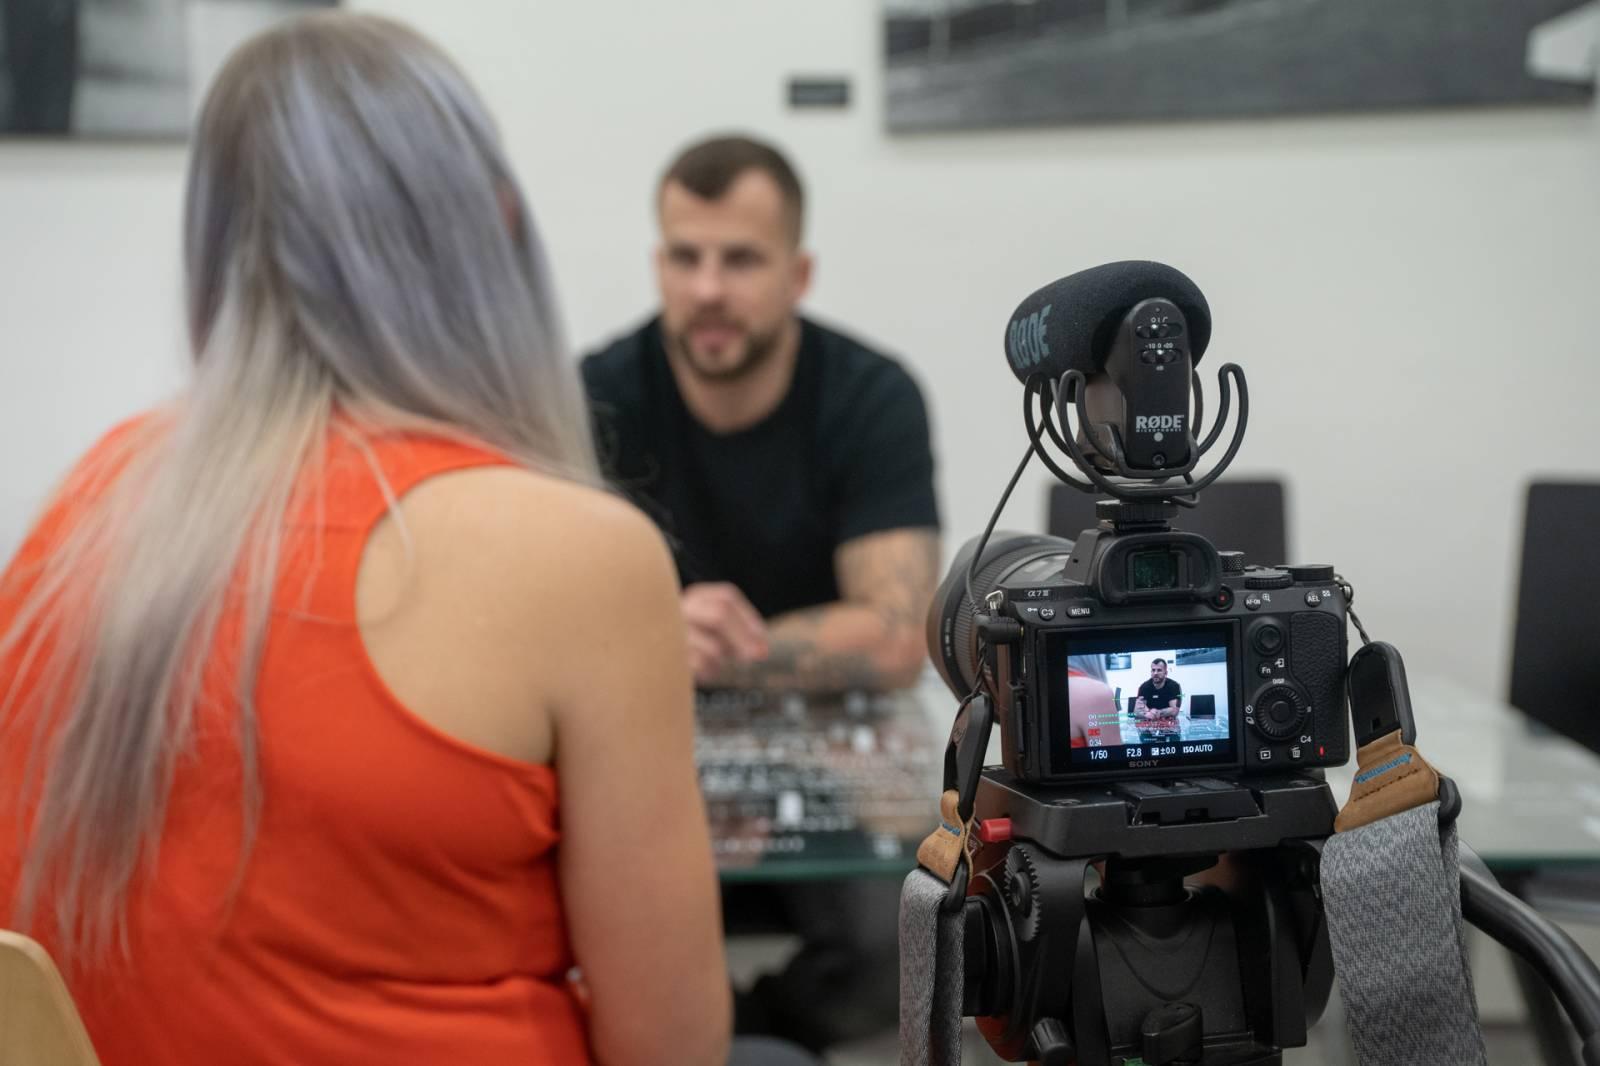 VIDEOROZHOVOR: Marpo na Žebříku - Za 33 let jsem toho zažil víc než řada lidí za celý život